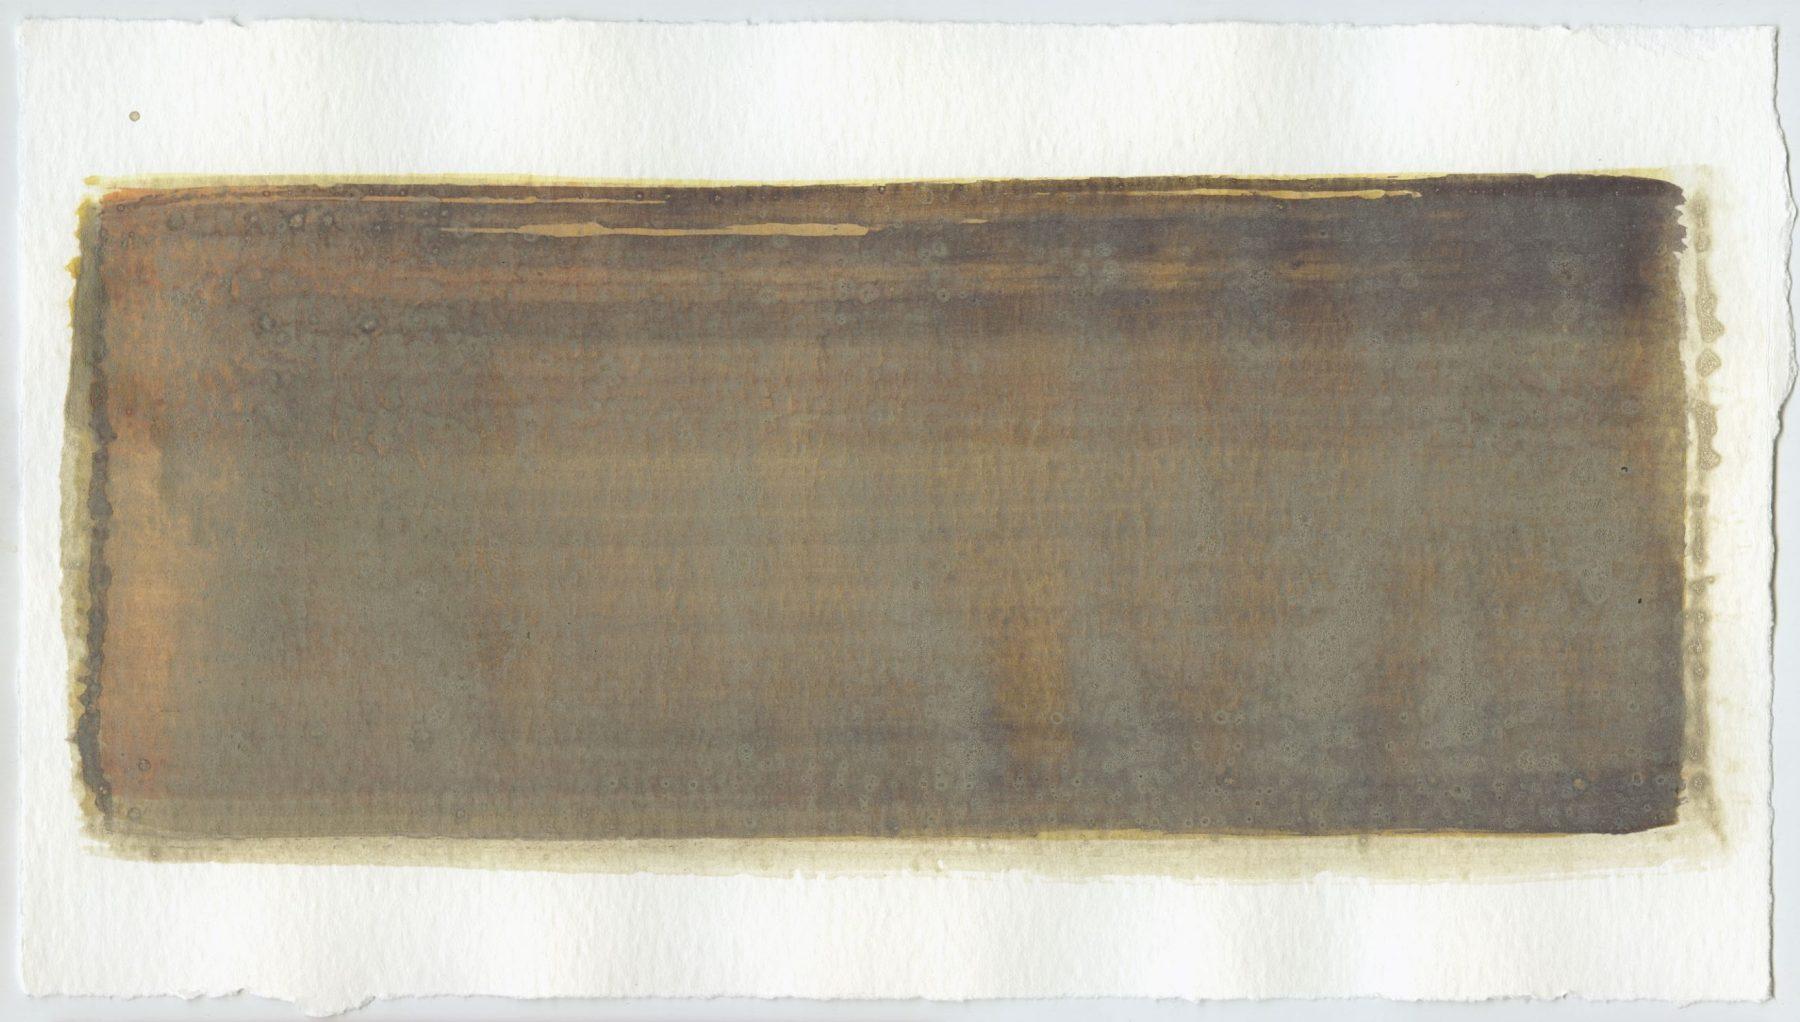 Brush stroke no. 19 - Selfmade pigment: Boekels roze, Mortel paarsgrijs fijn, Mortelse oker, Perekker grijs gebrand